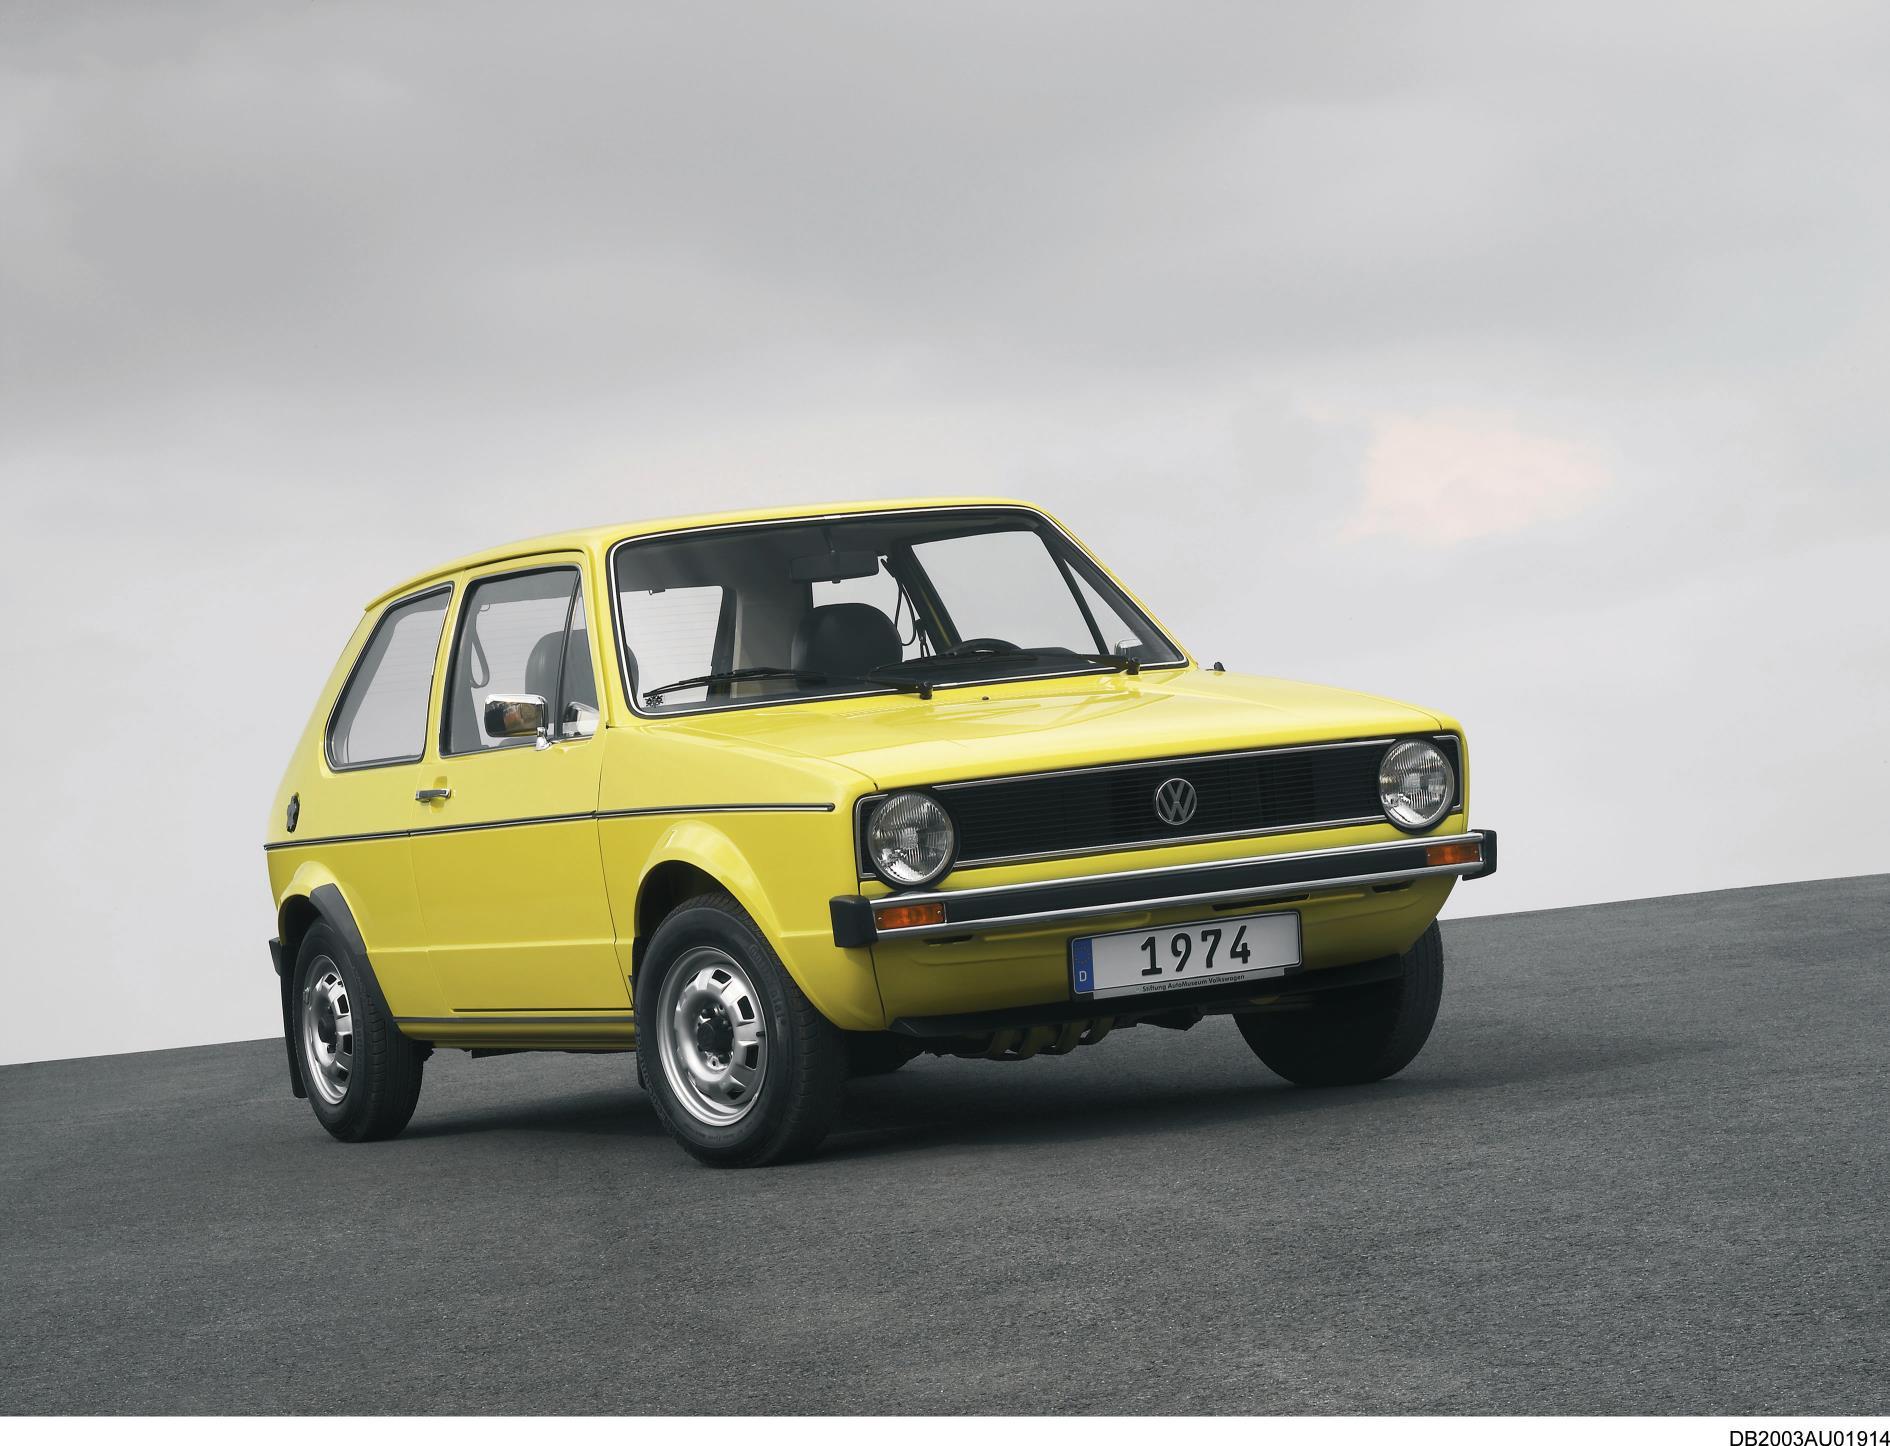 Primeiro Golf 1974: Um dia depois de a Volkswagen anunciar que deixaria de vender todas as versões com exceção do GTi, celebramos o aniversário do Golf, que fez 45 anos.